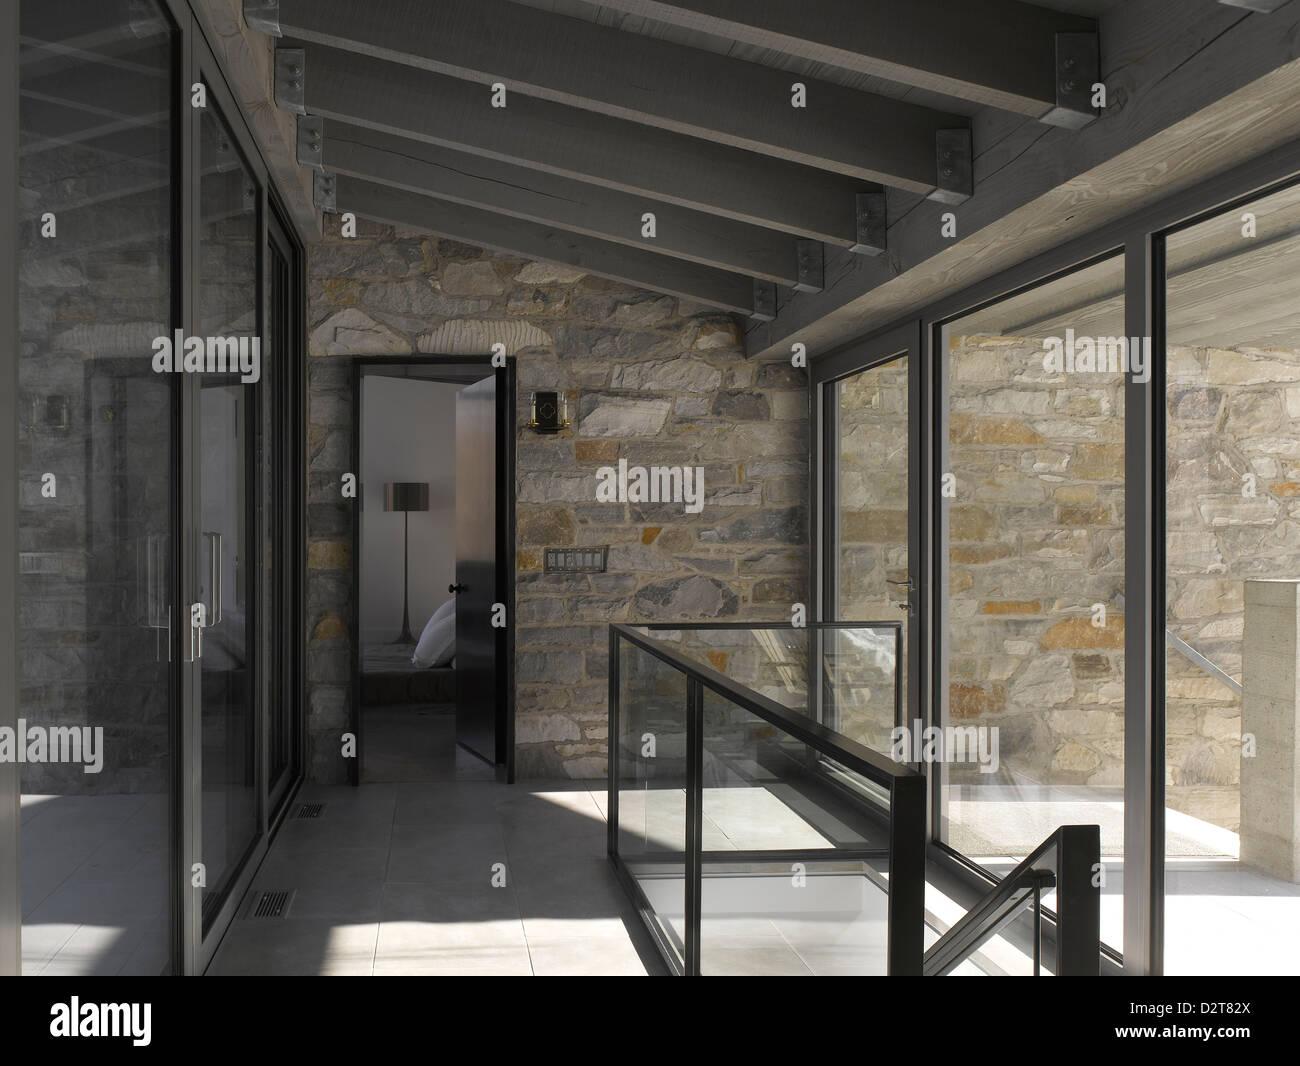 La Maison Bromont Montreal Canada Architect Paul Bernier Entrance Lobby  With Maison Architect